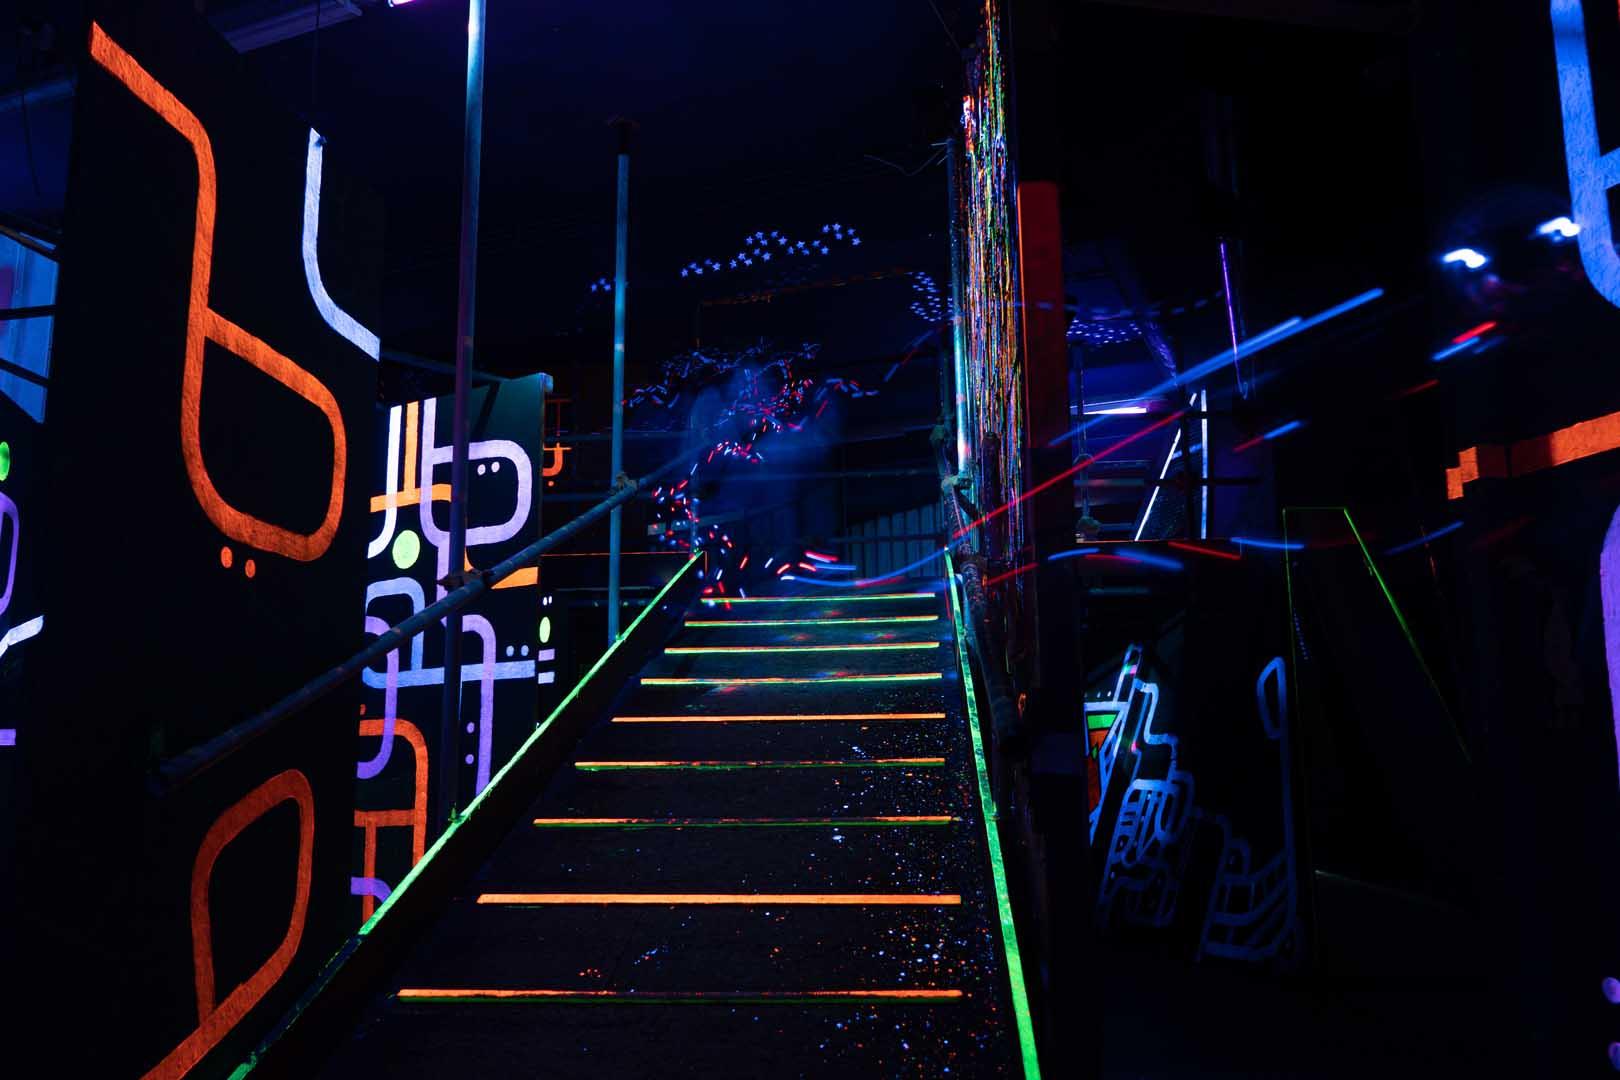 Laserquest arena 6